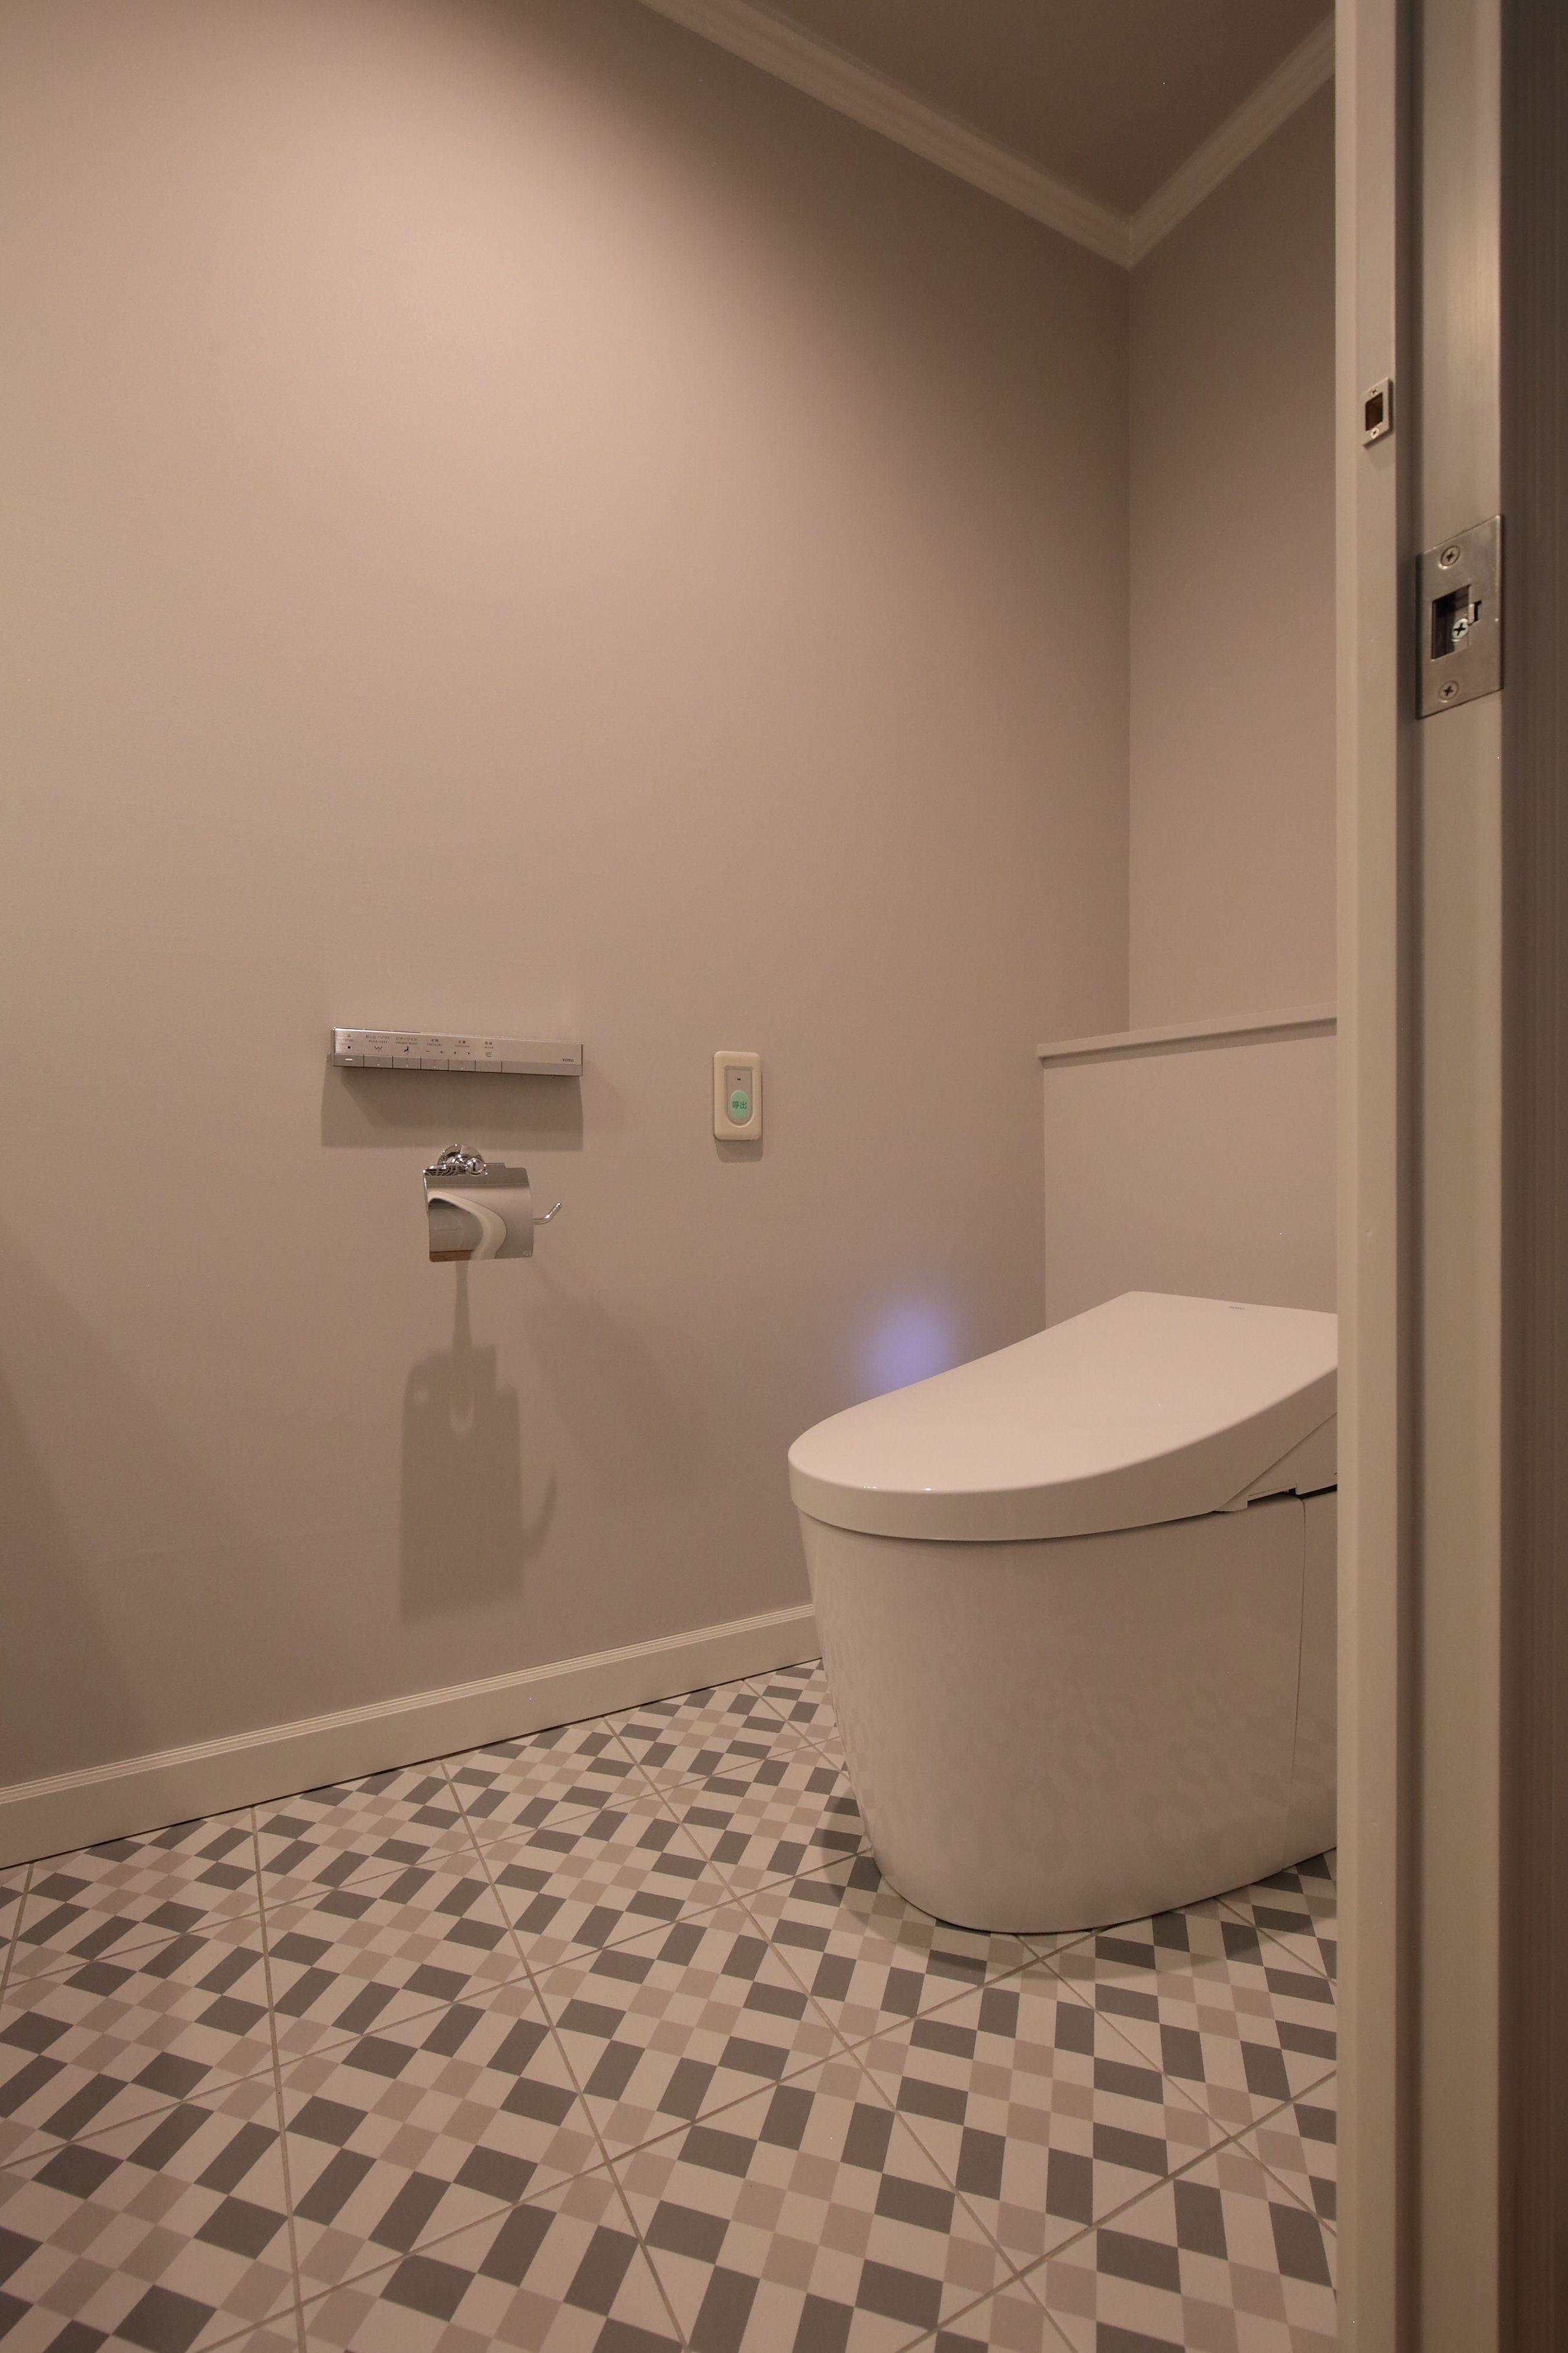 File インテリア トイレ ポルトガルタイル 画像あり トイレ タイル インテリア